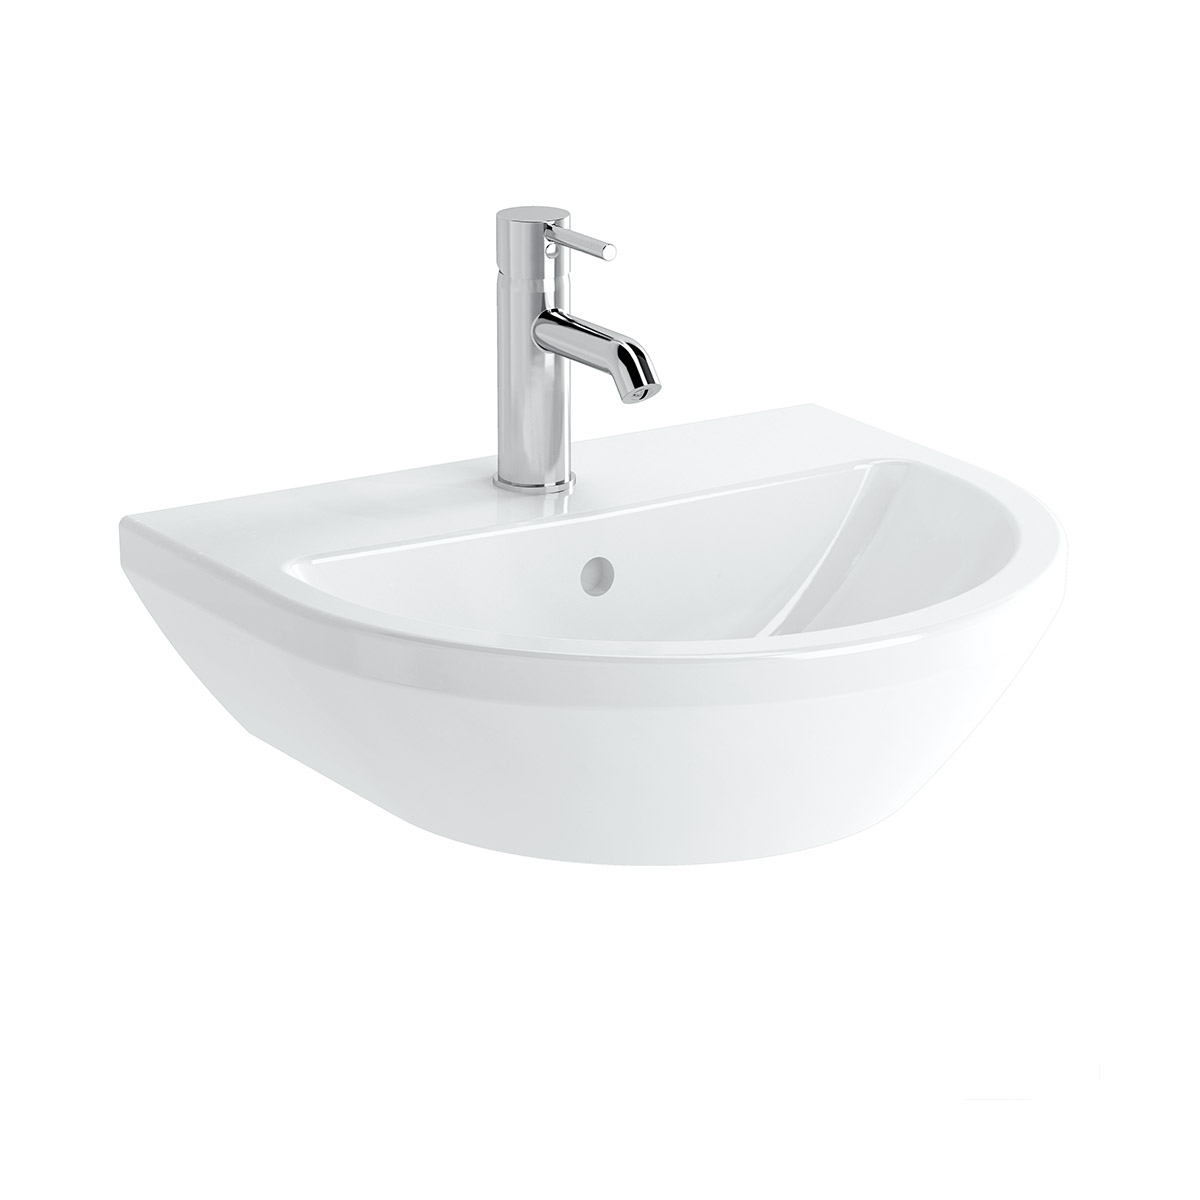 Integra Waschtisch, 50 cm, rund, ohne Hahnloch, mit Überlaufloch, Weiß, VitrA Clean